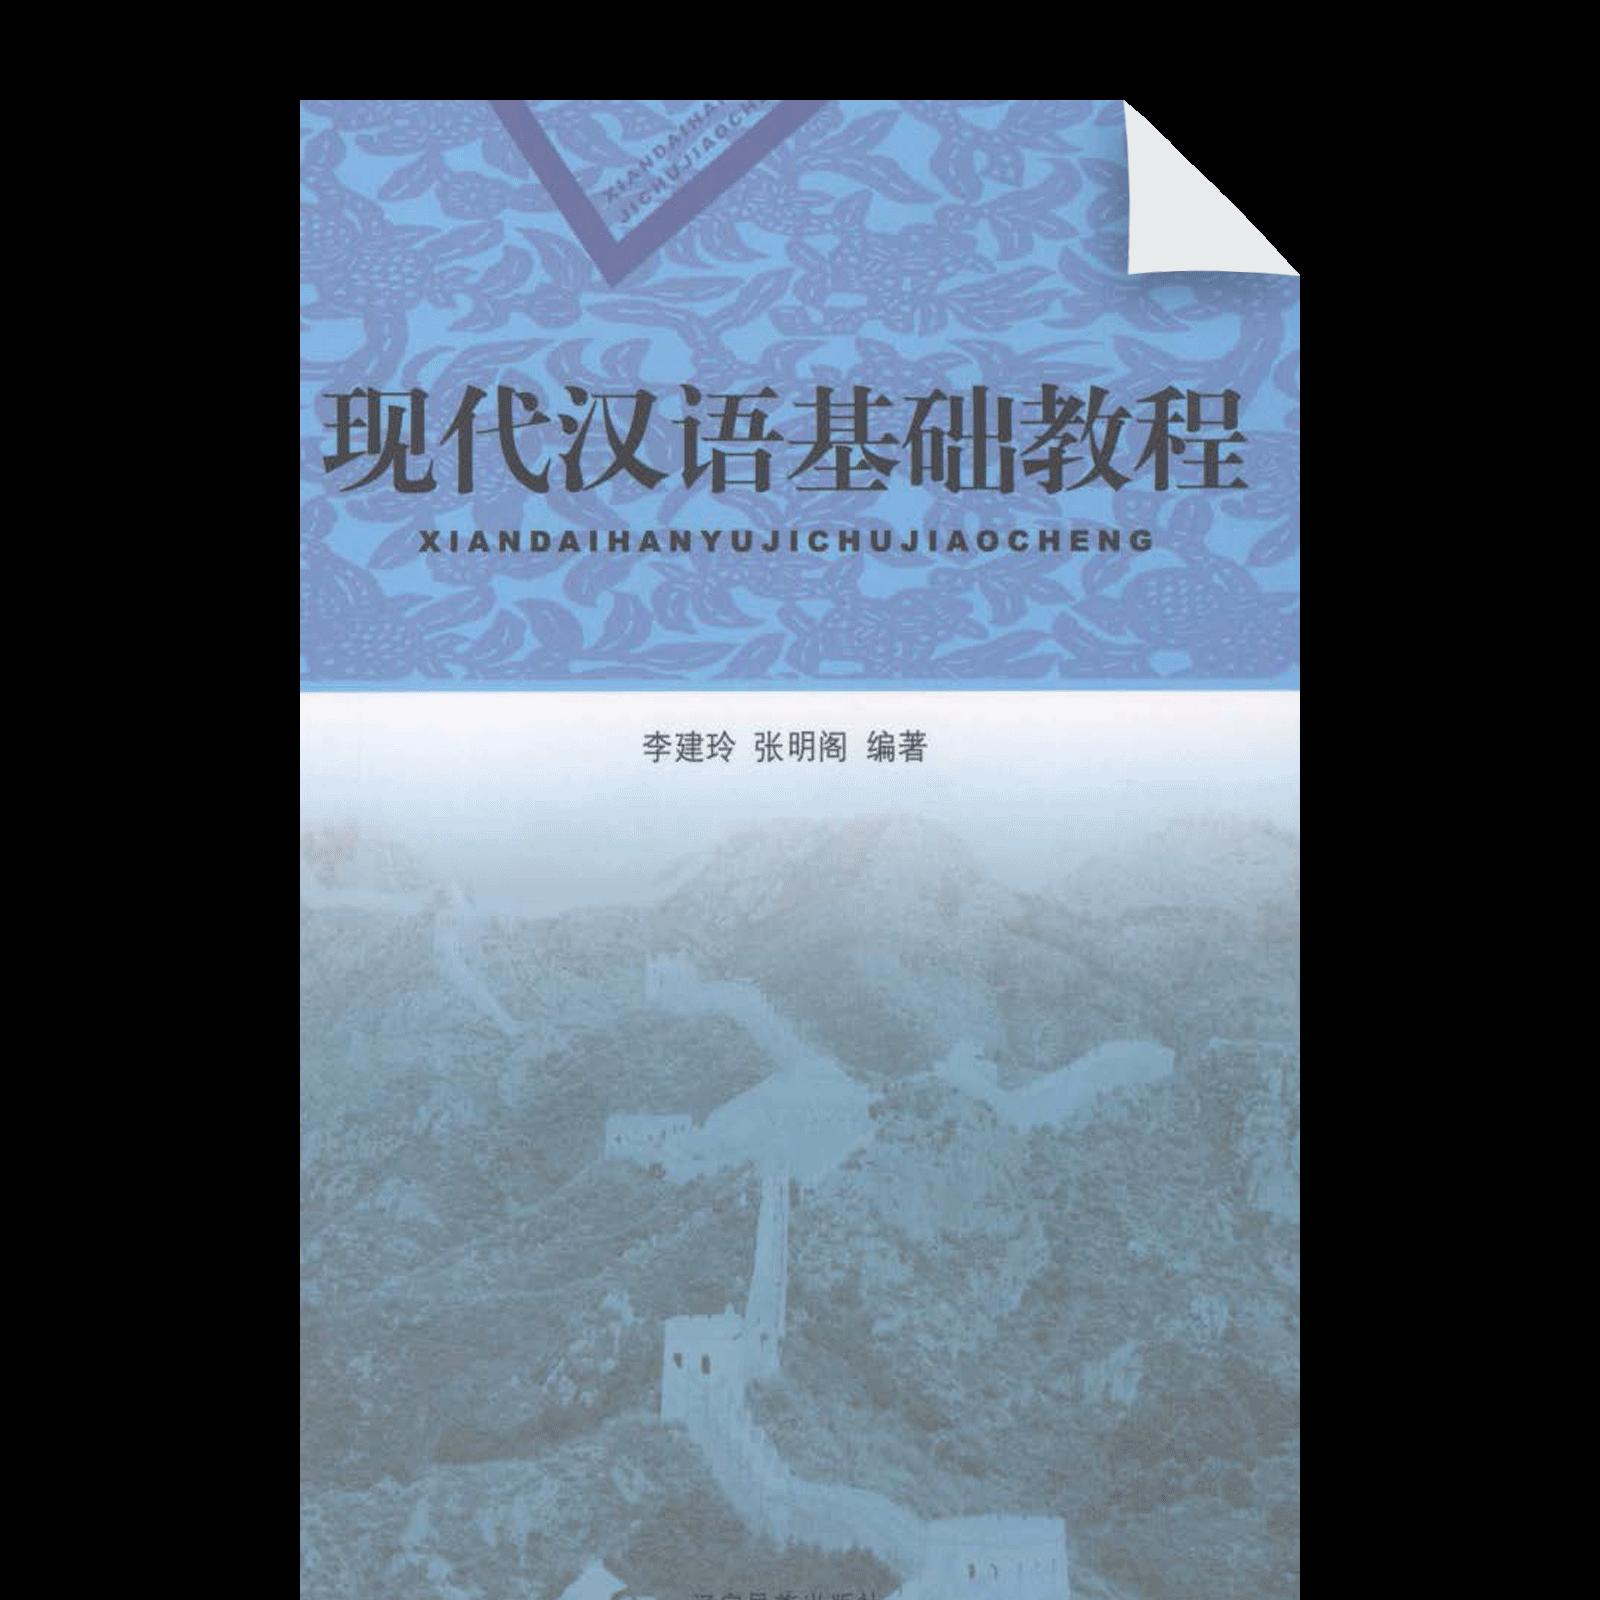 Xiandai Hanyu Jichu Jiaocheng